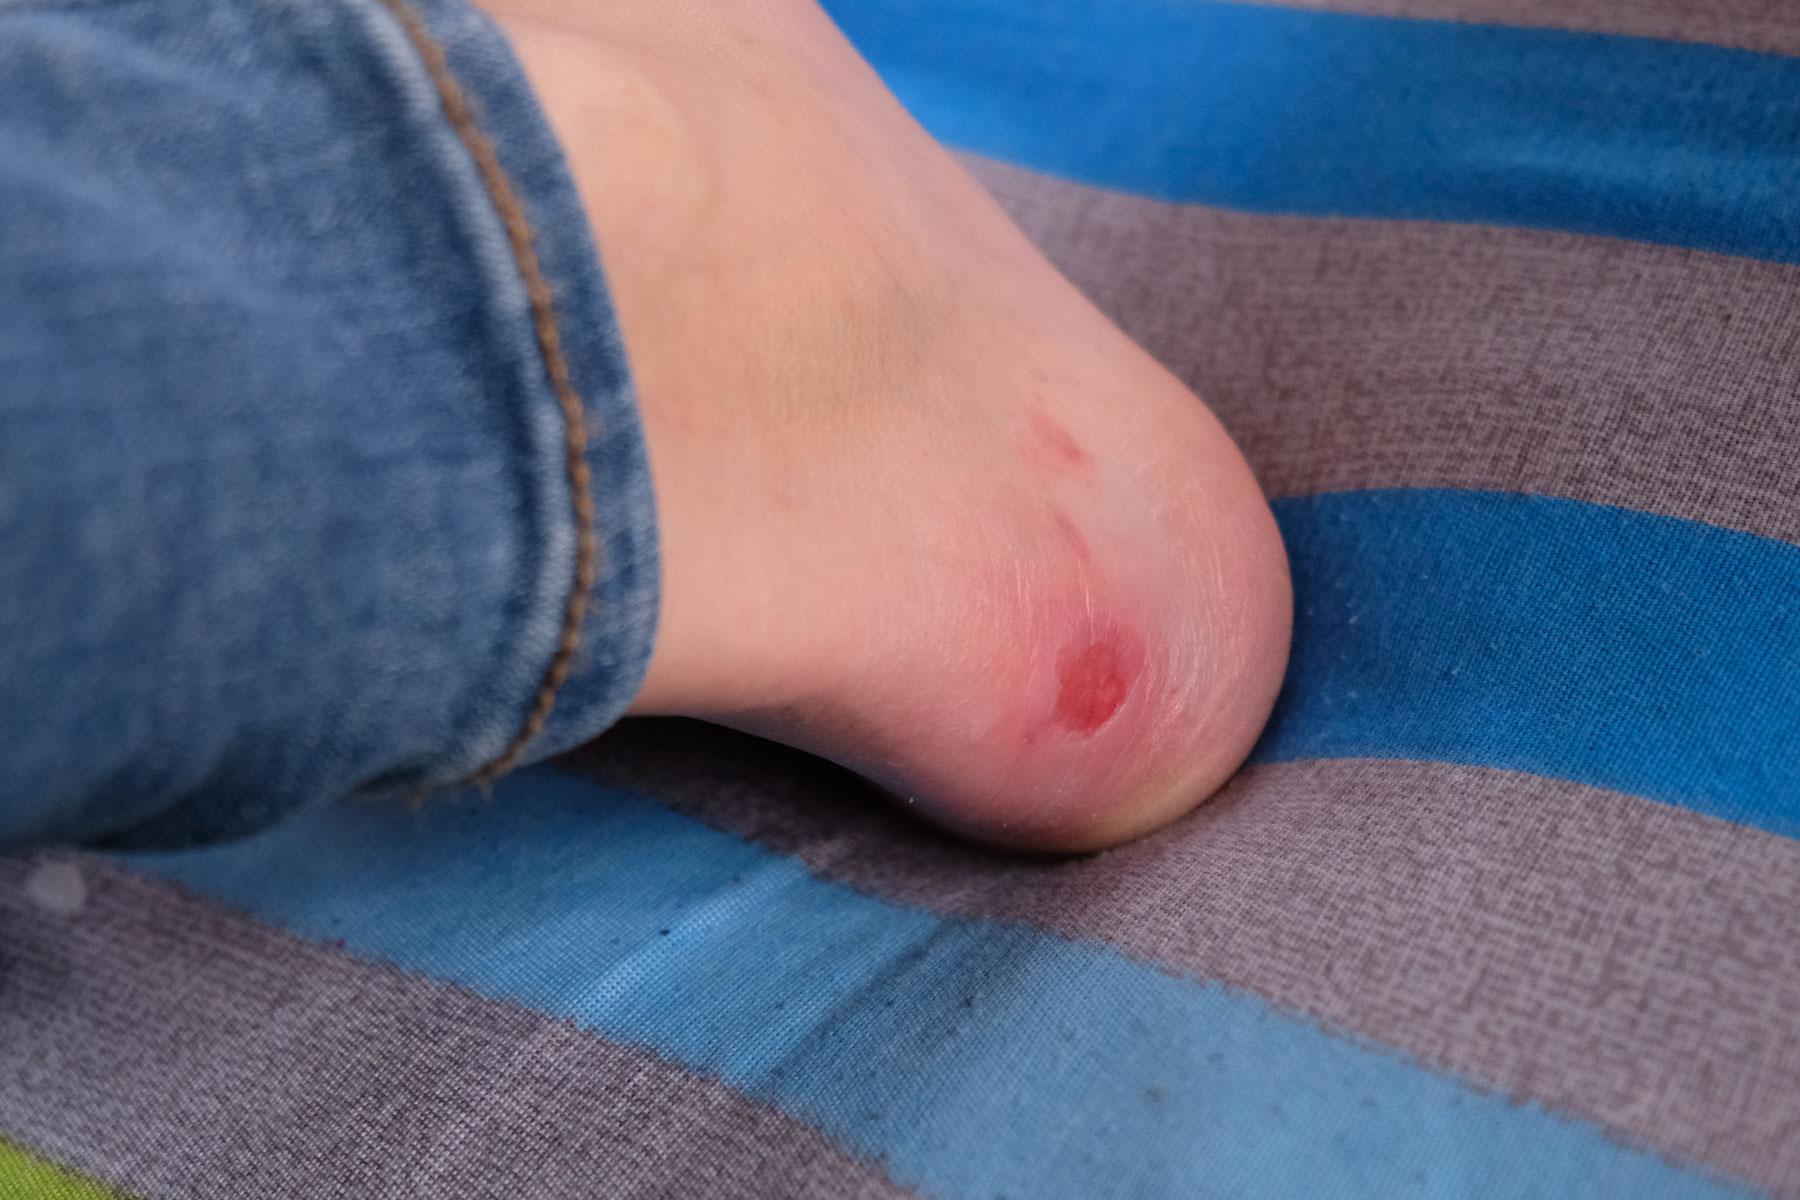 Ein Fuß mit einer Blase.